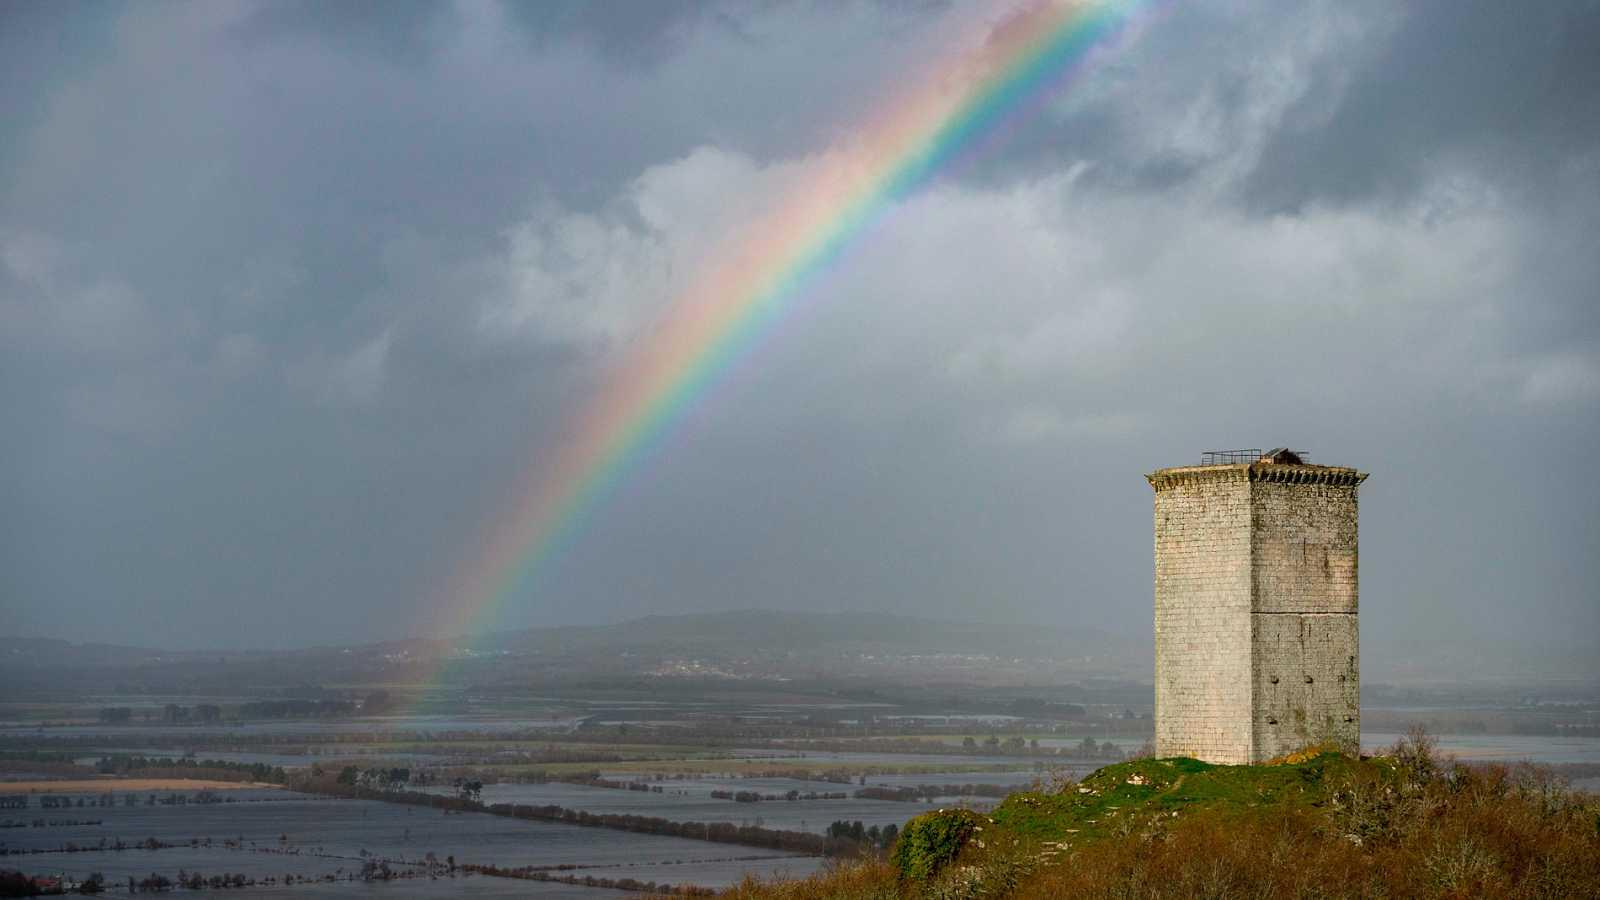 El temporal Fabien deja intensas lluvias y fuertes vientos en gran parte de la Península